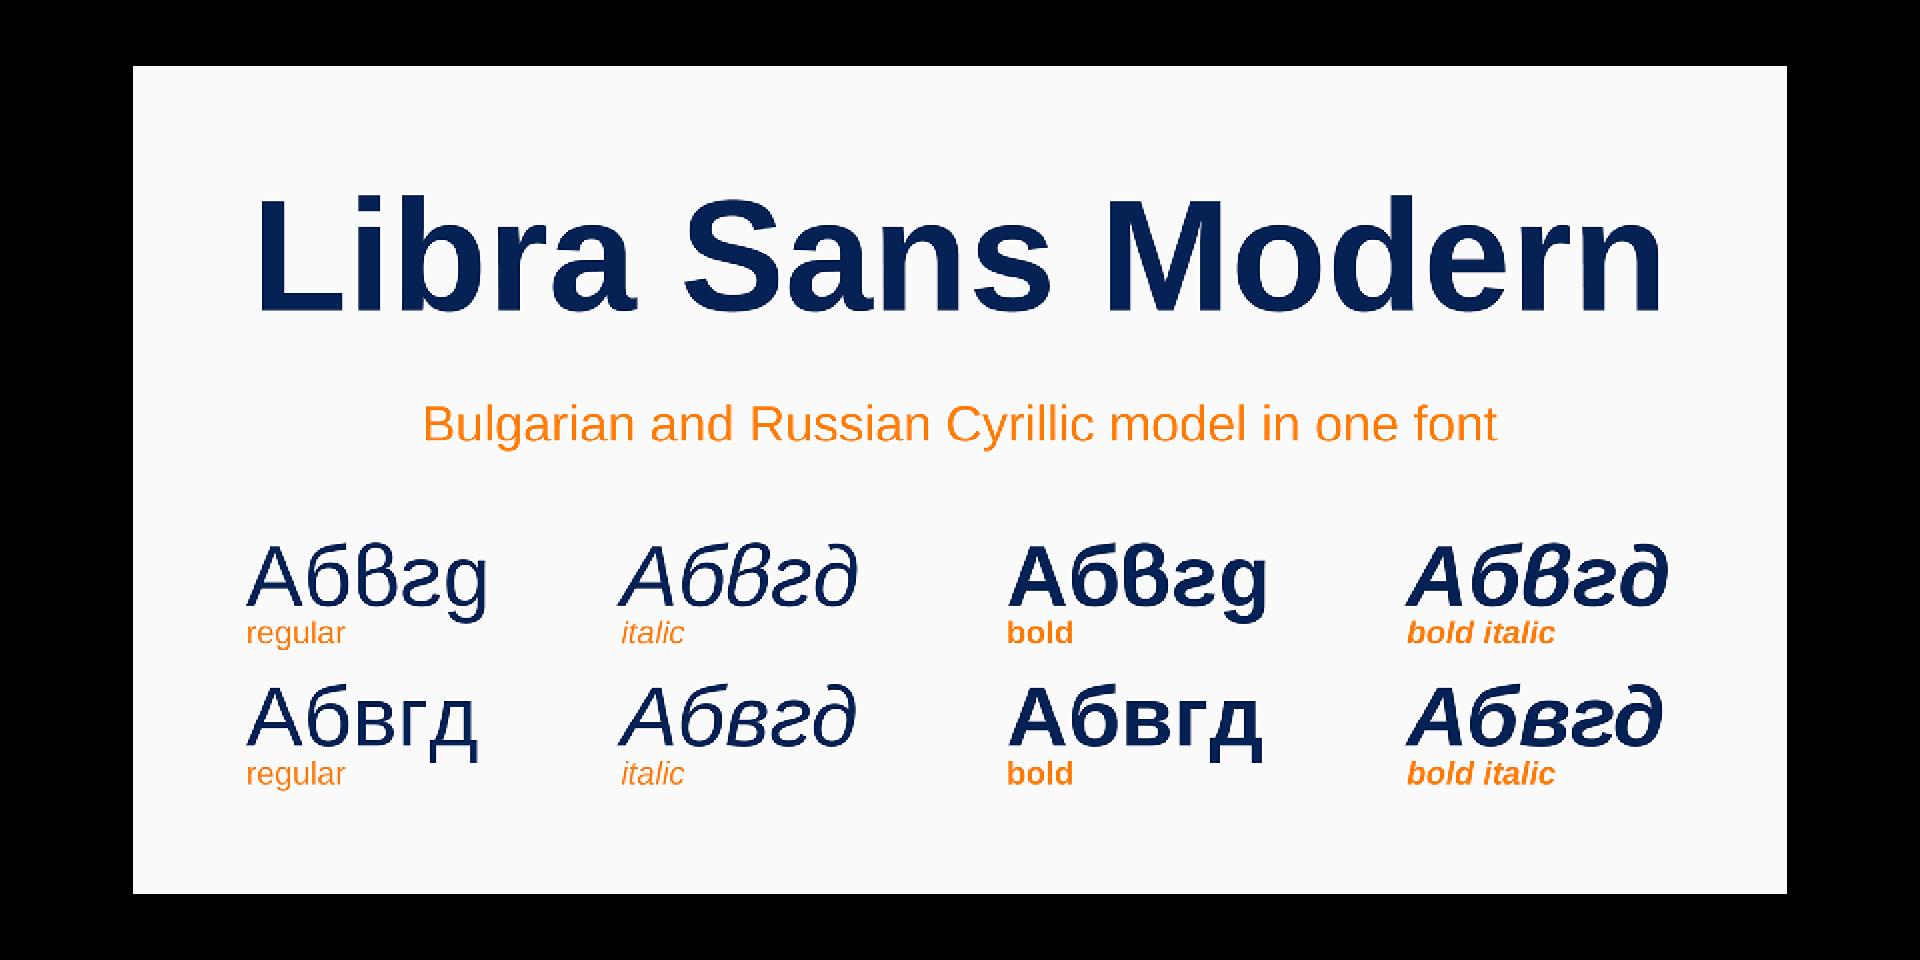 Libra Sans Modern